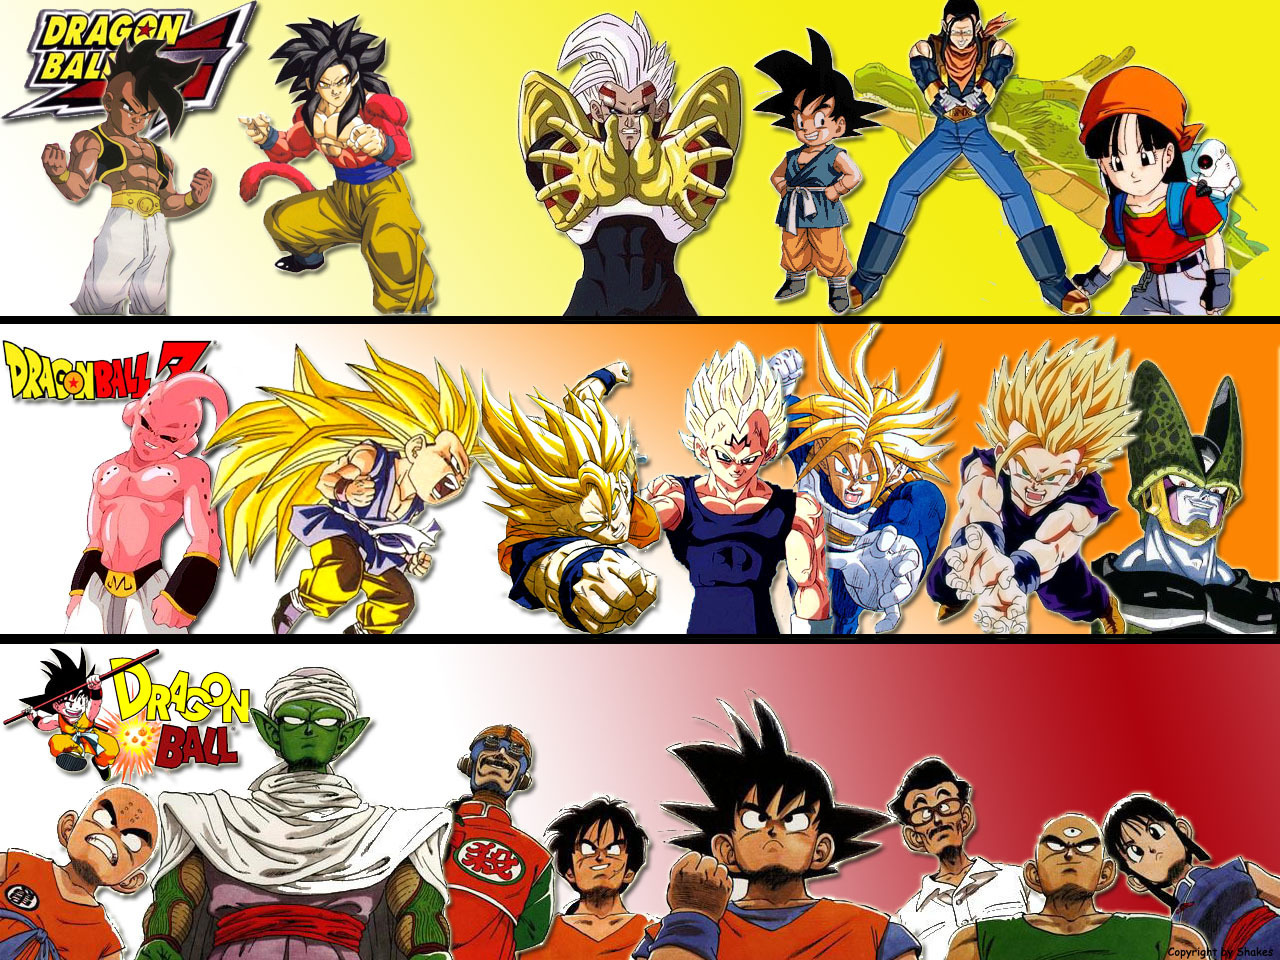 Dragon Ball Z Terá Nova Saga?